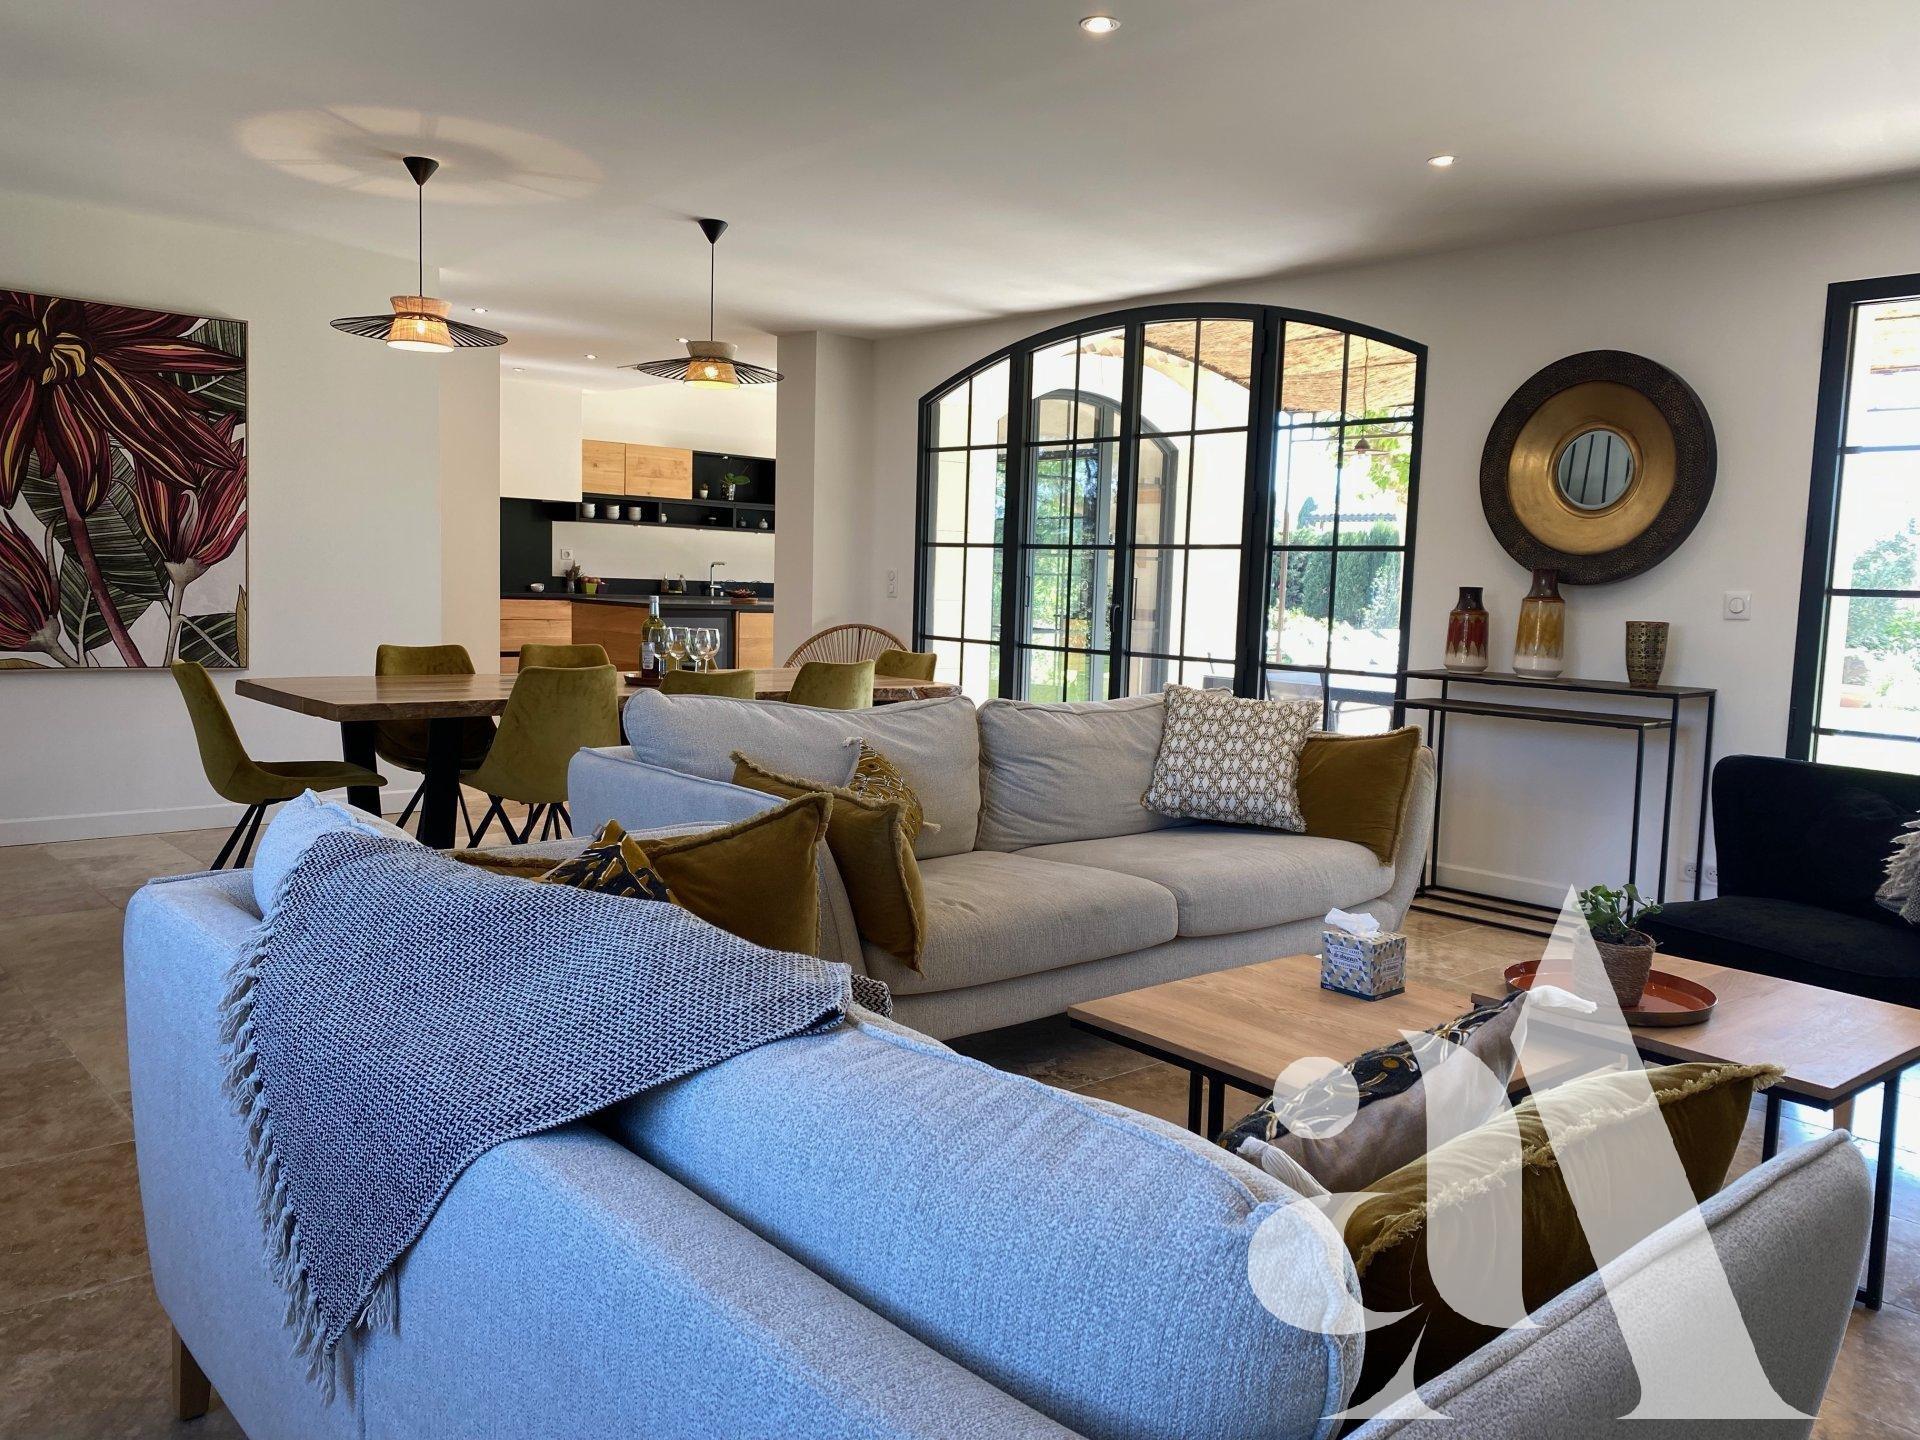 MAISON PIQUET - MAUSSANE LES ALPILLES - ALPILLES -  4 bedrooms - 8 people